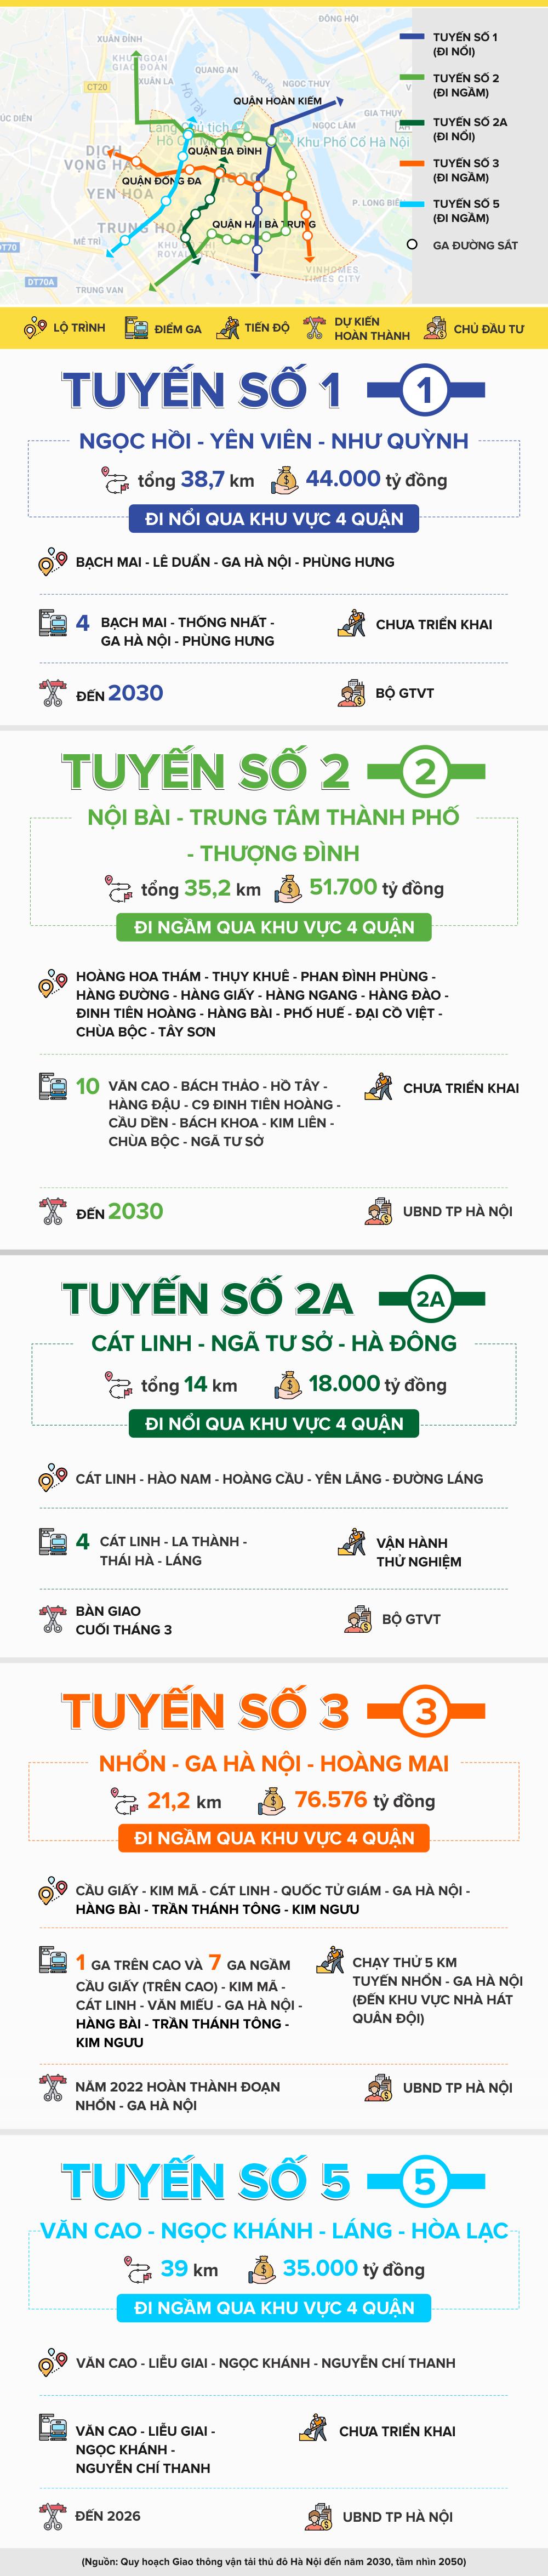 [Infographic] Lộ trình 5 tuyến đường sắt đô thị qua nội đô lịch sử Hà Nội theo quy hoạch / 5 tuyến metro sẽ đi qua những đường nào trong vùng nội đô lịch sử Hà Nội? - Ảnh 1.